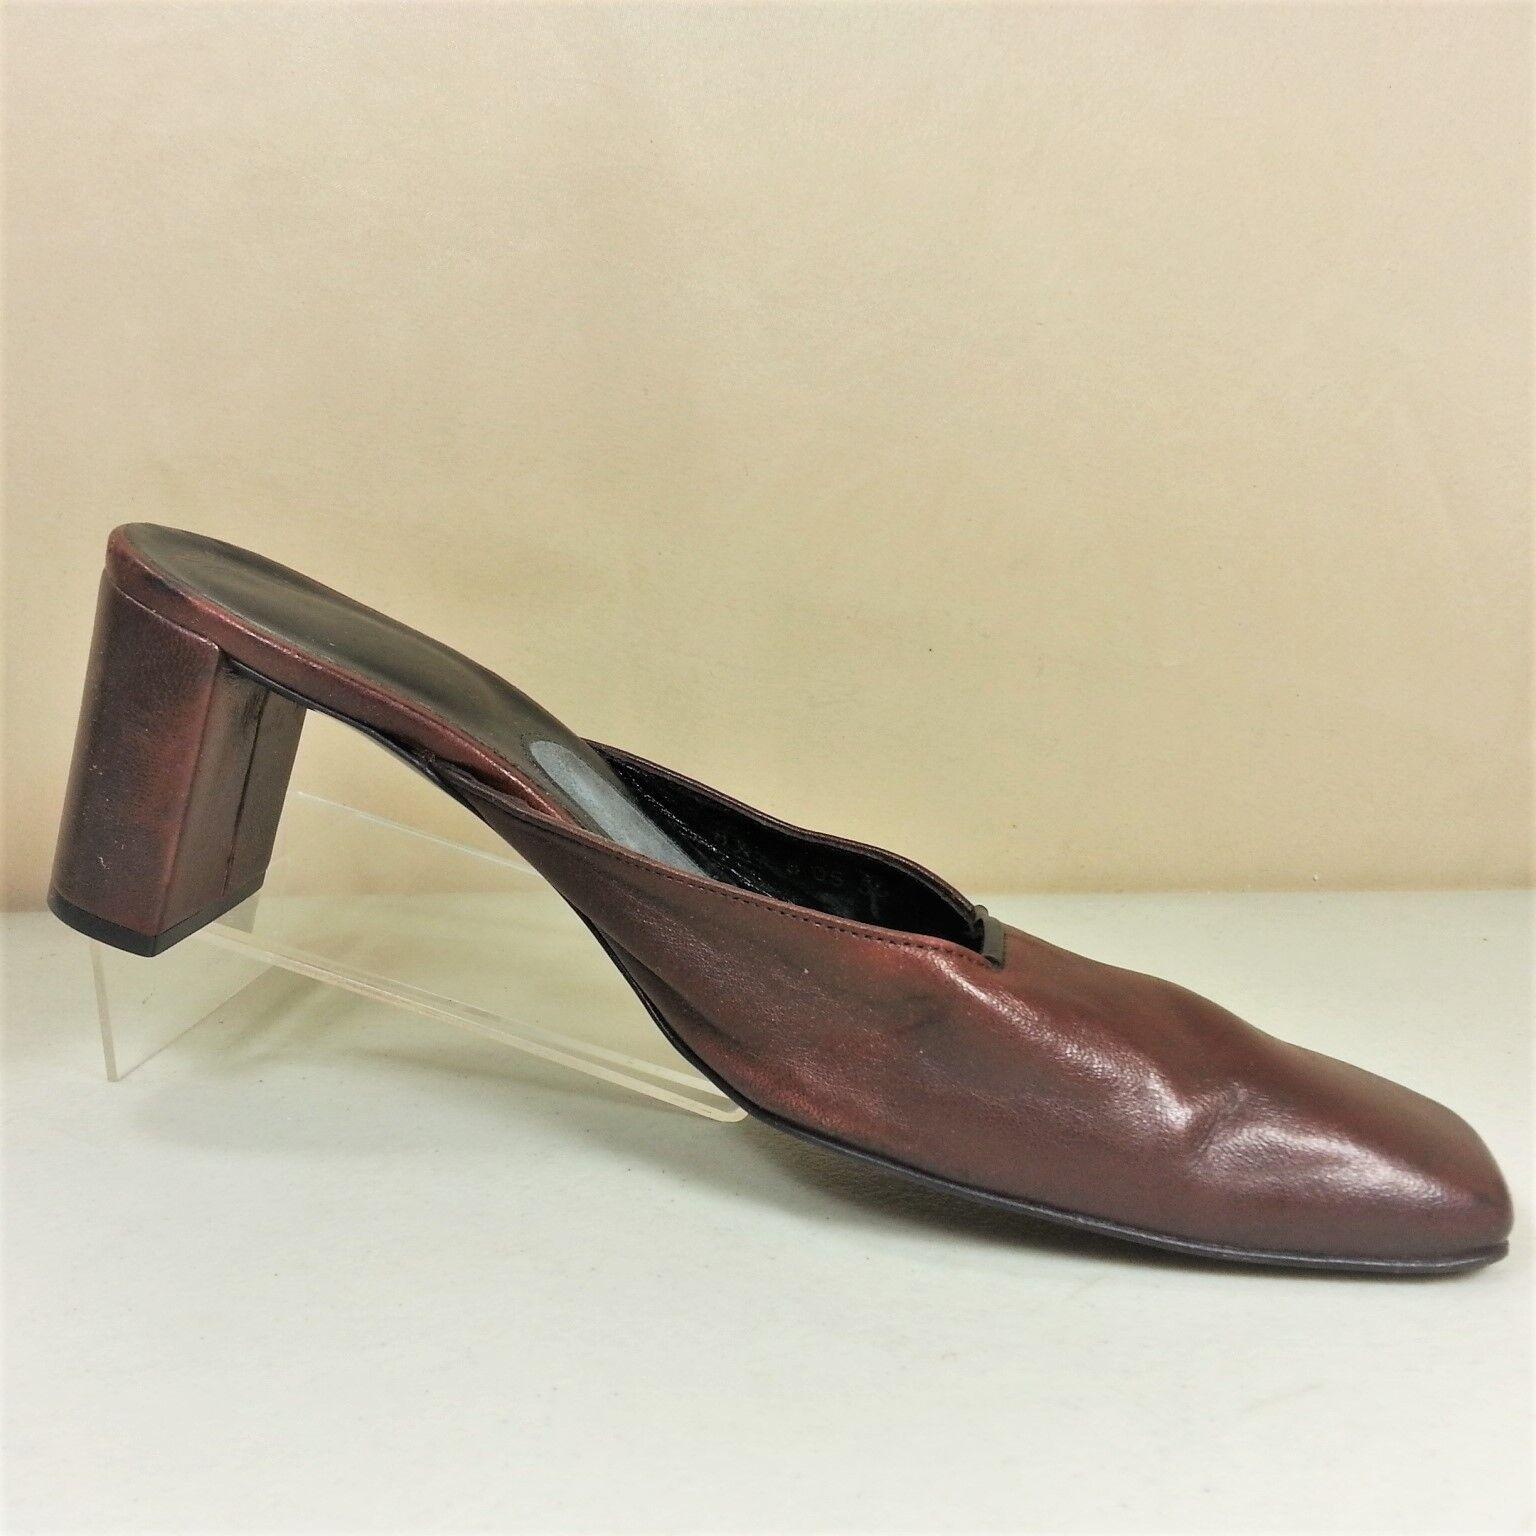 solo per te ROBERT CLERGERIE donna Burgundy Burgundy Burgundy Leather Chunky Heel Mules scarpe Dimensione 8.5B France  garanzia di credito